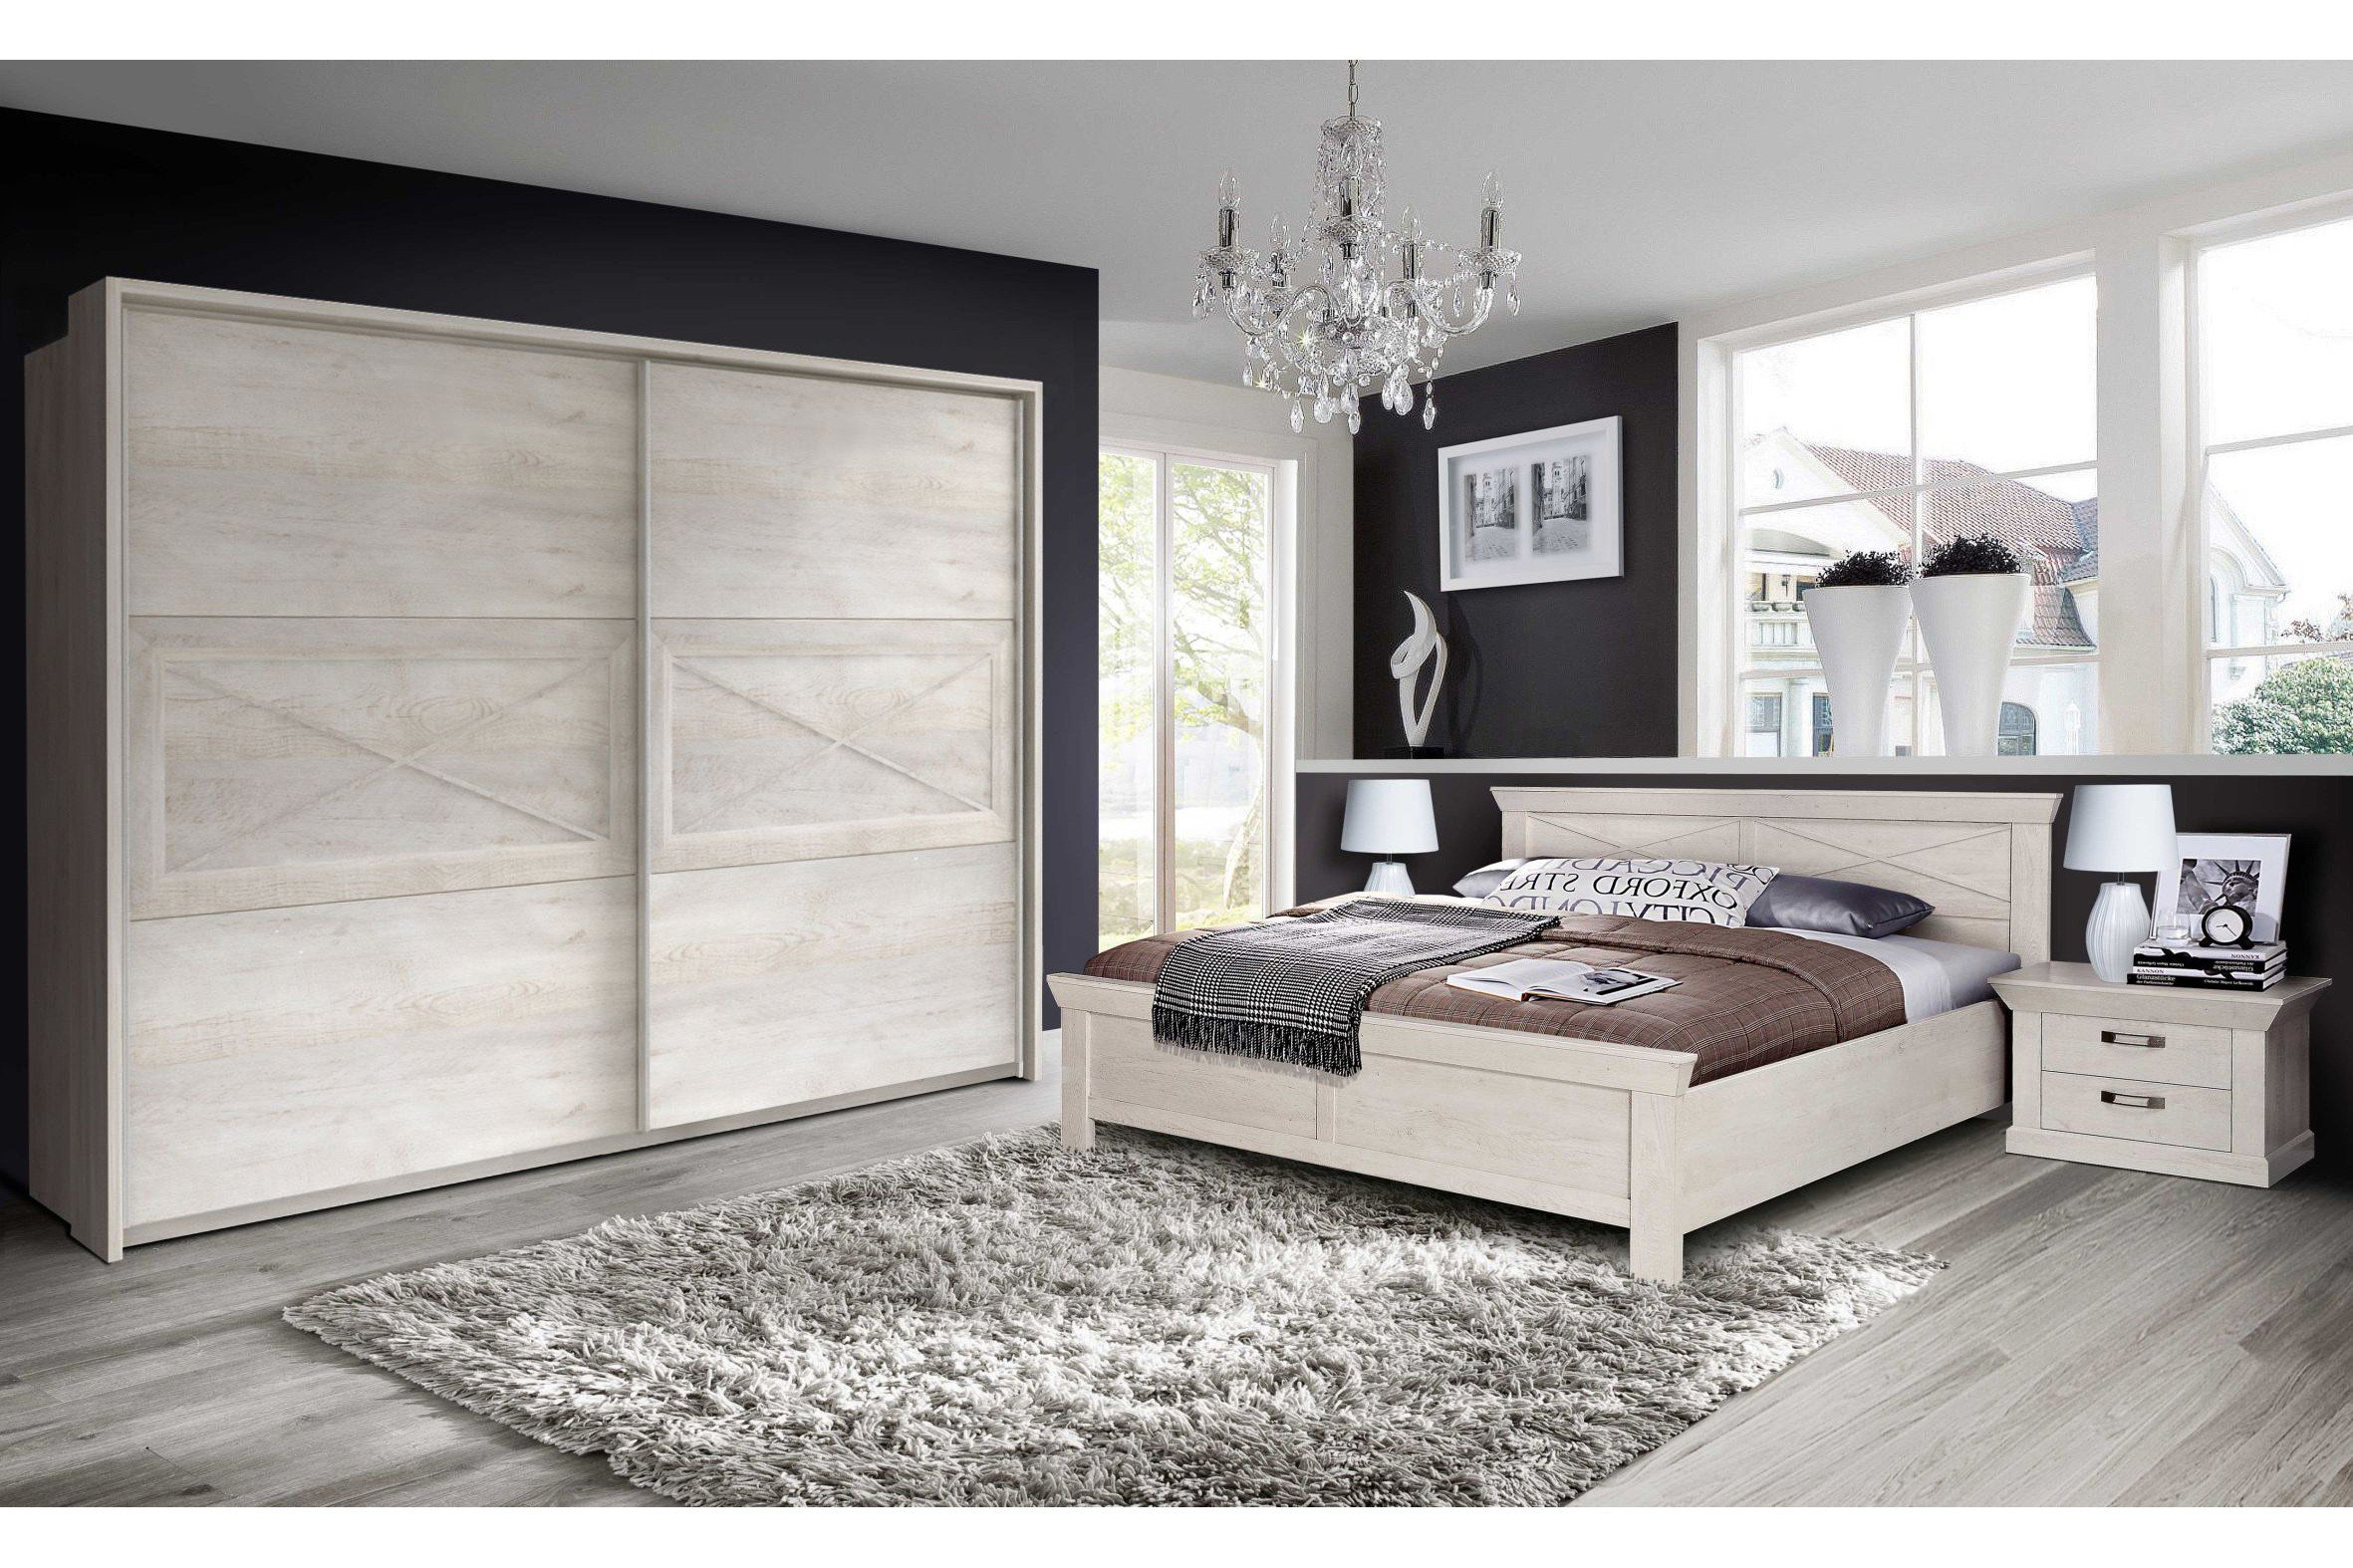 Forte Schlafzimmer Landhaus-Stil Kashmir | Möbel Letz - Ihr Online